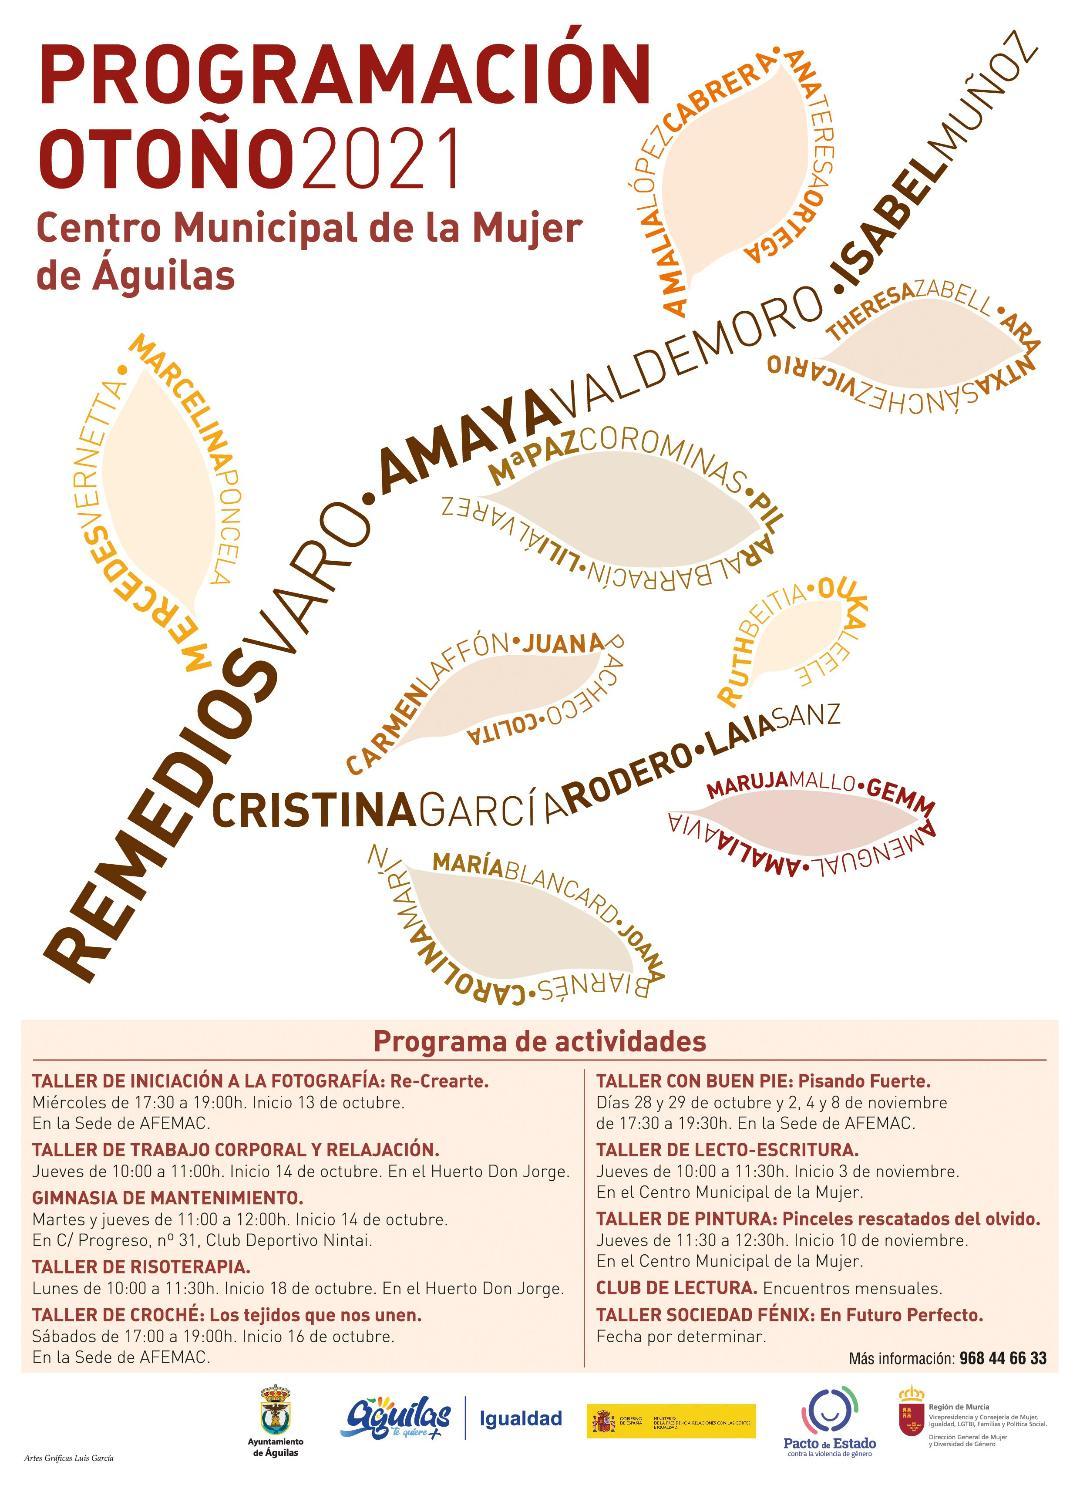 La Concejalía de Igualdad de Águilas presenta su oferta de talleres de otoño